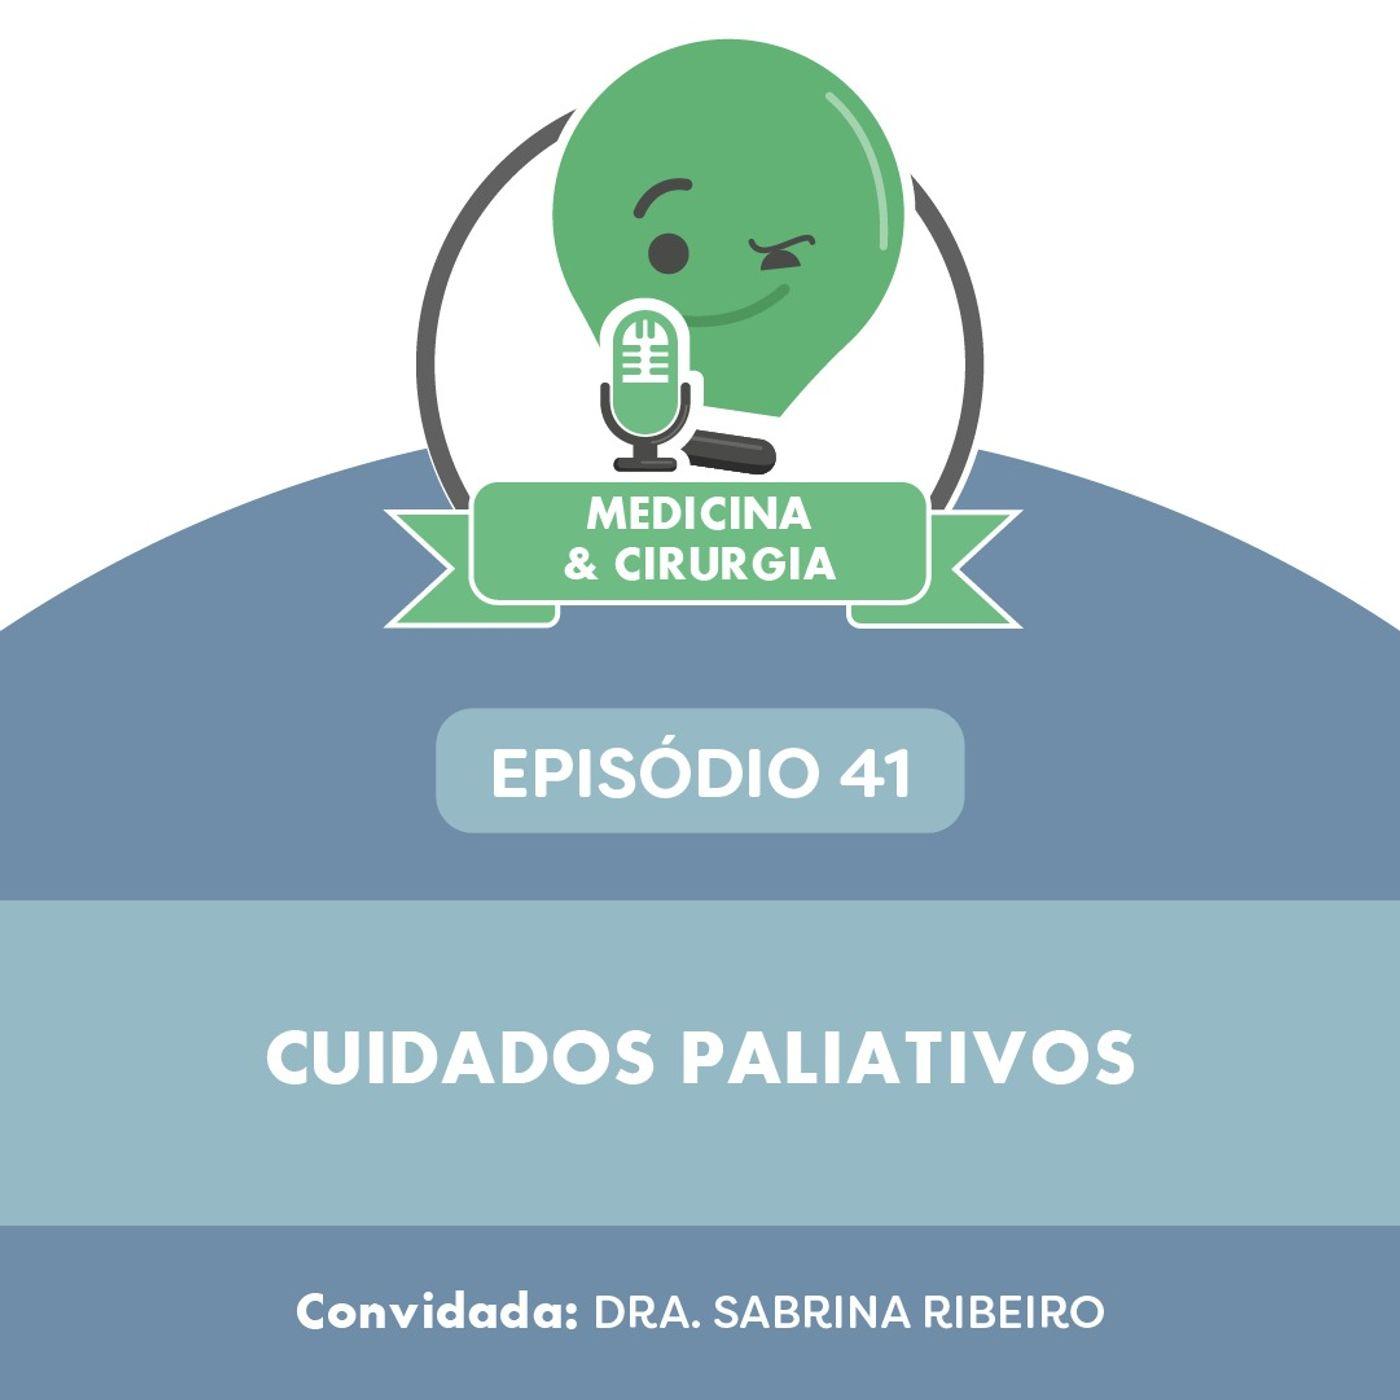 41 - Cuidados paliativos